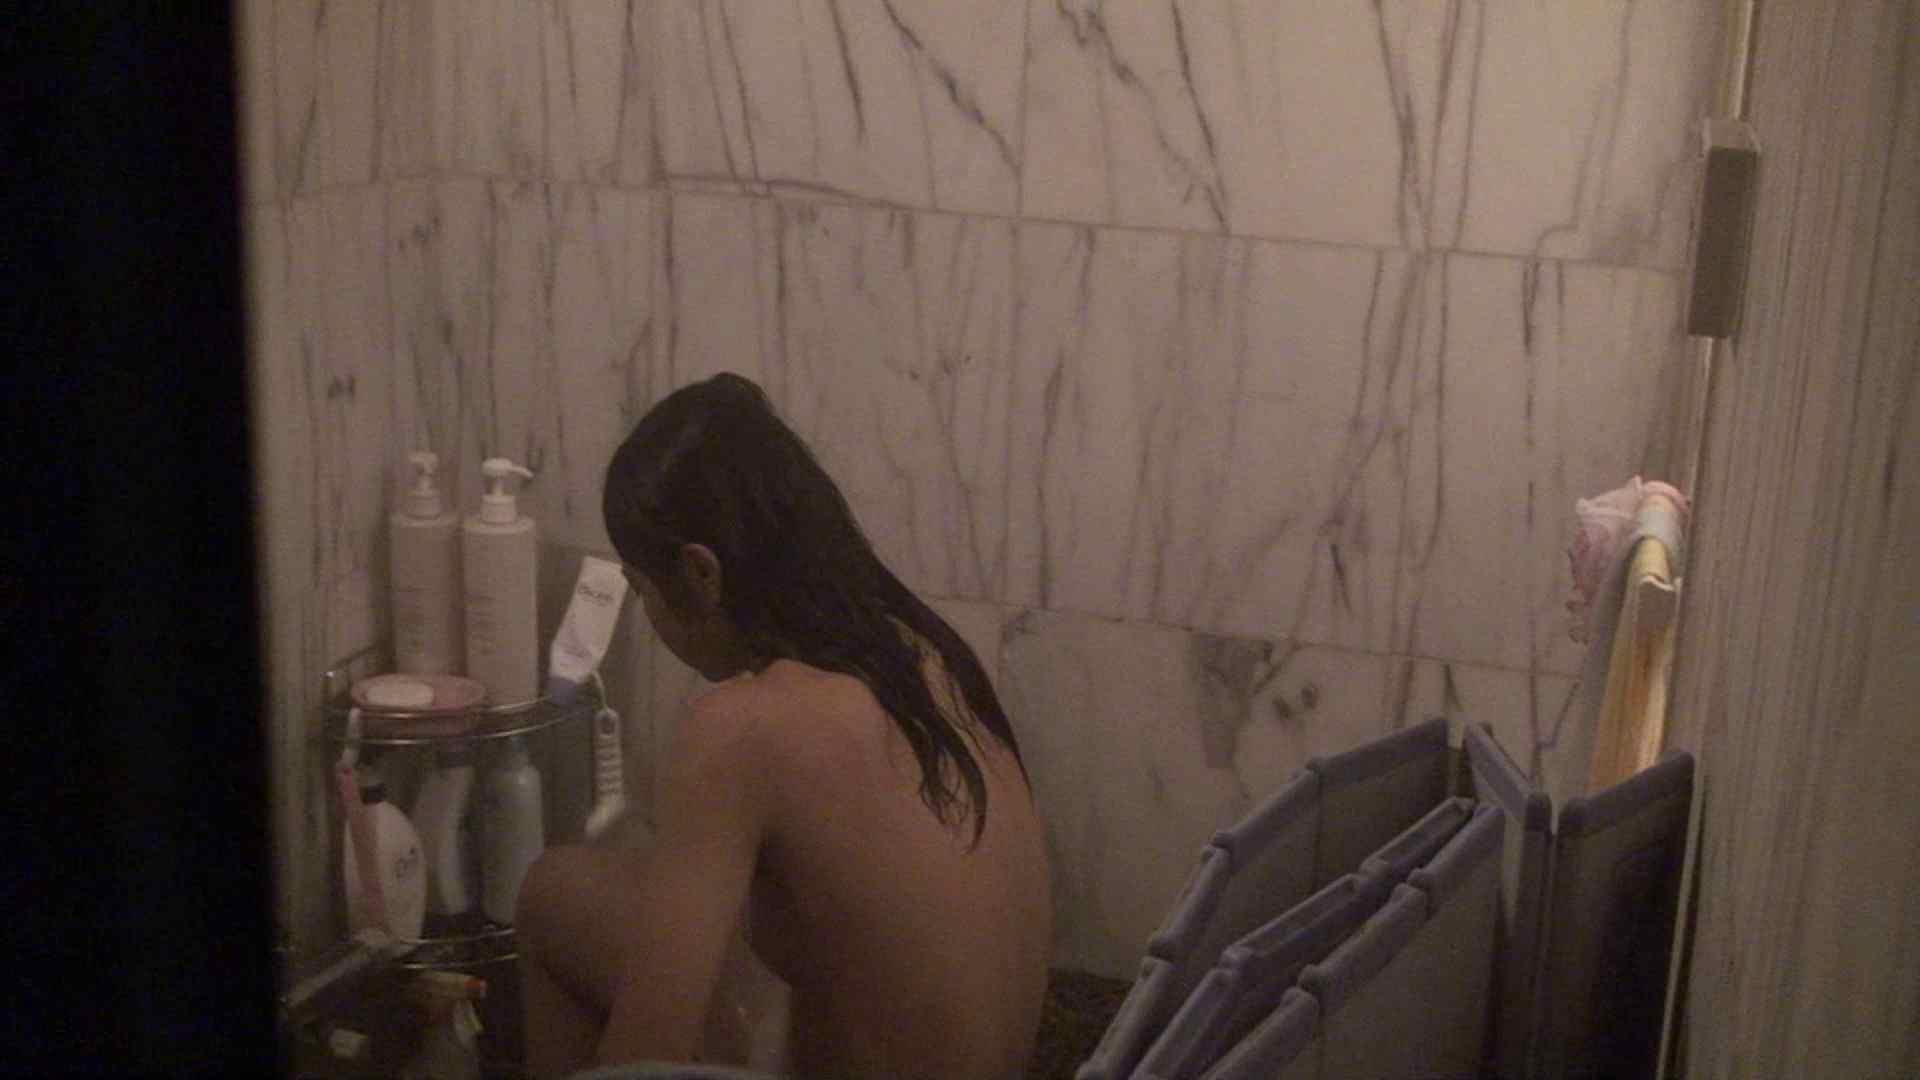 vol.03歌いながらつるつるのおっぱいを洗い流す彼女!近すぎてバレちゃた!? 細身女性 性交動画流出 72画像 66